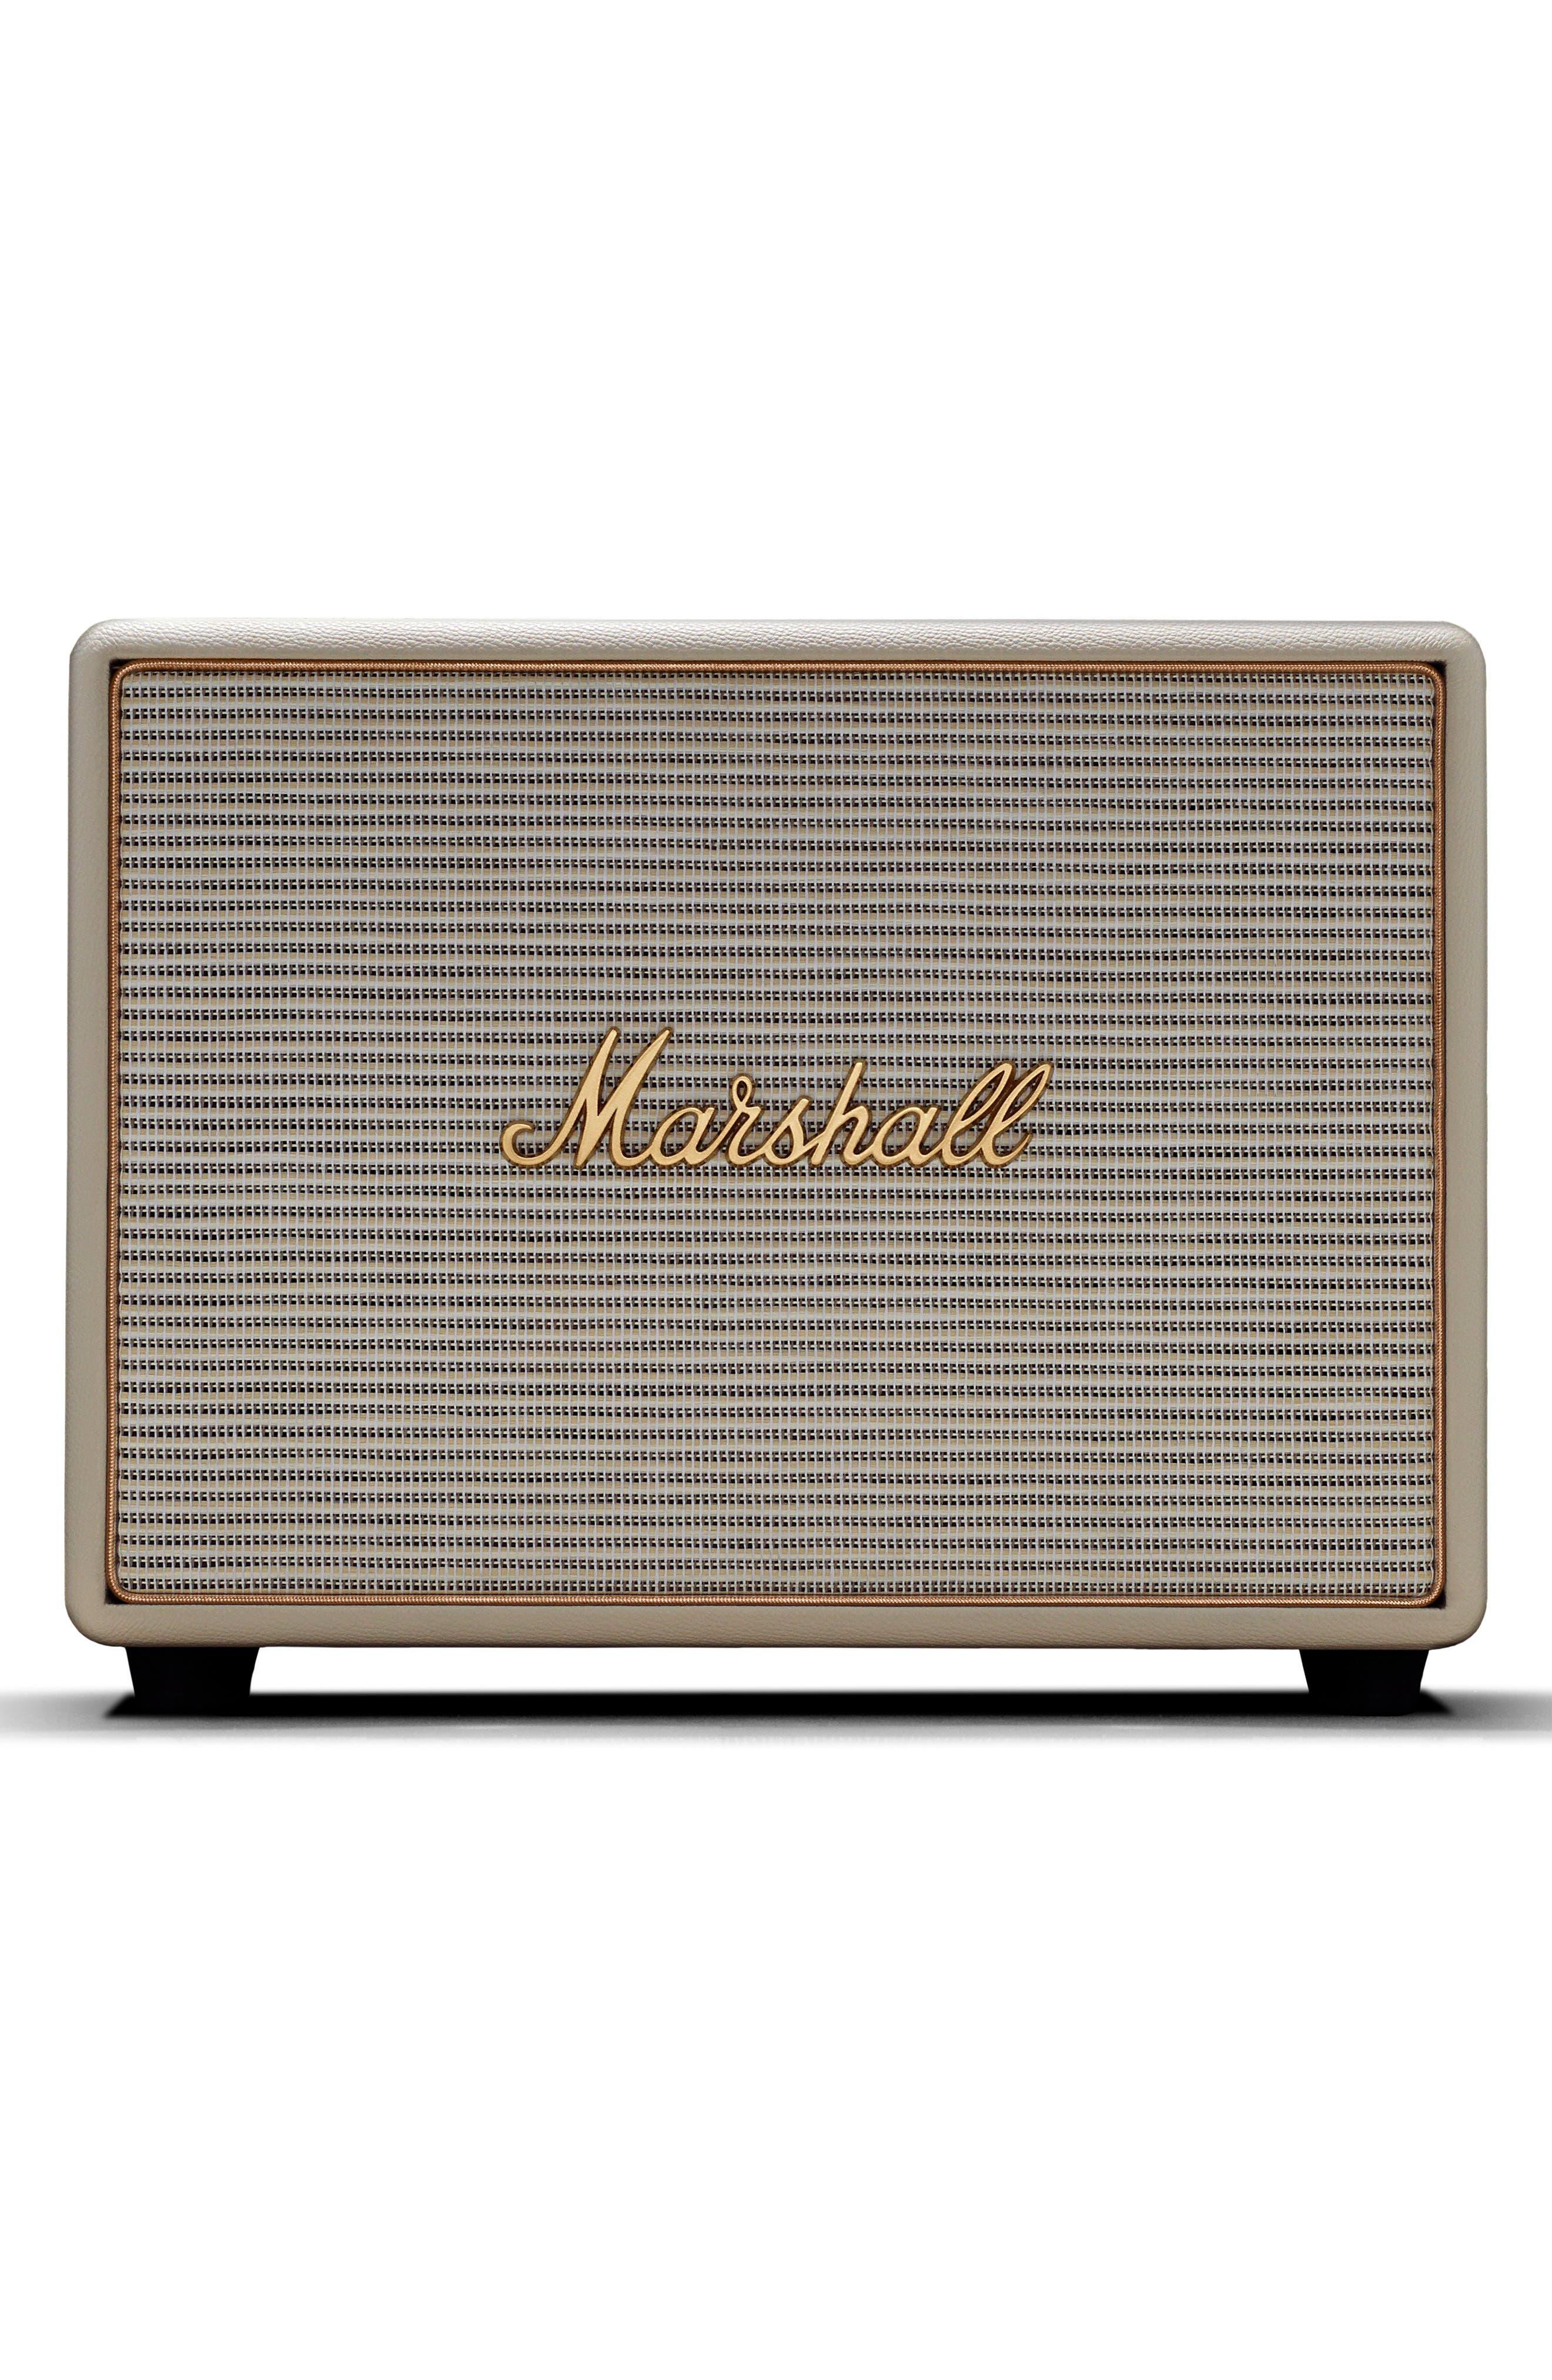 Marshall Woburn Multi Room WiFi & Bluetooth Speaker